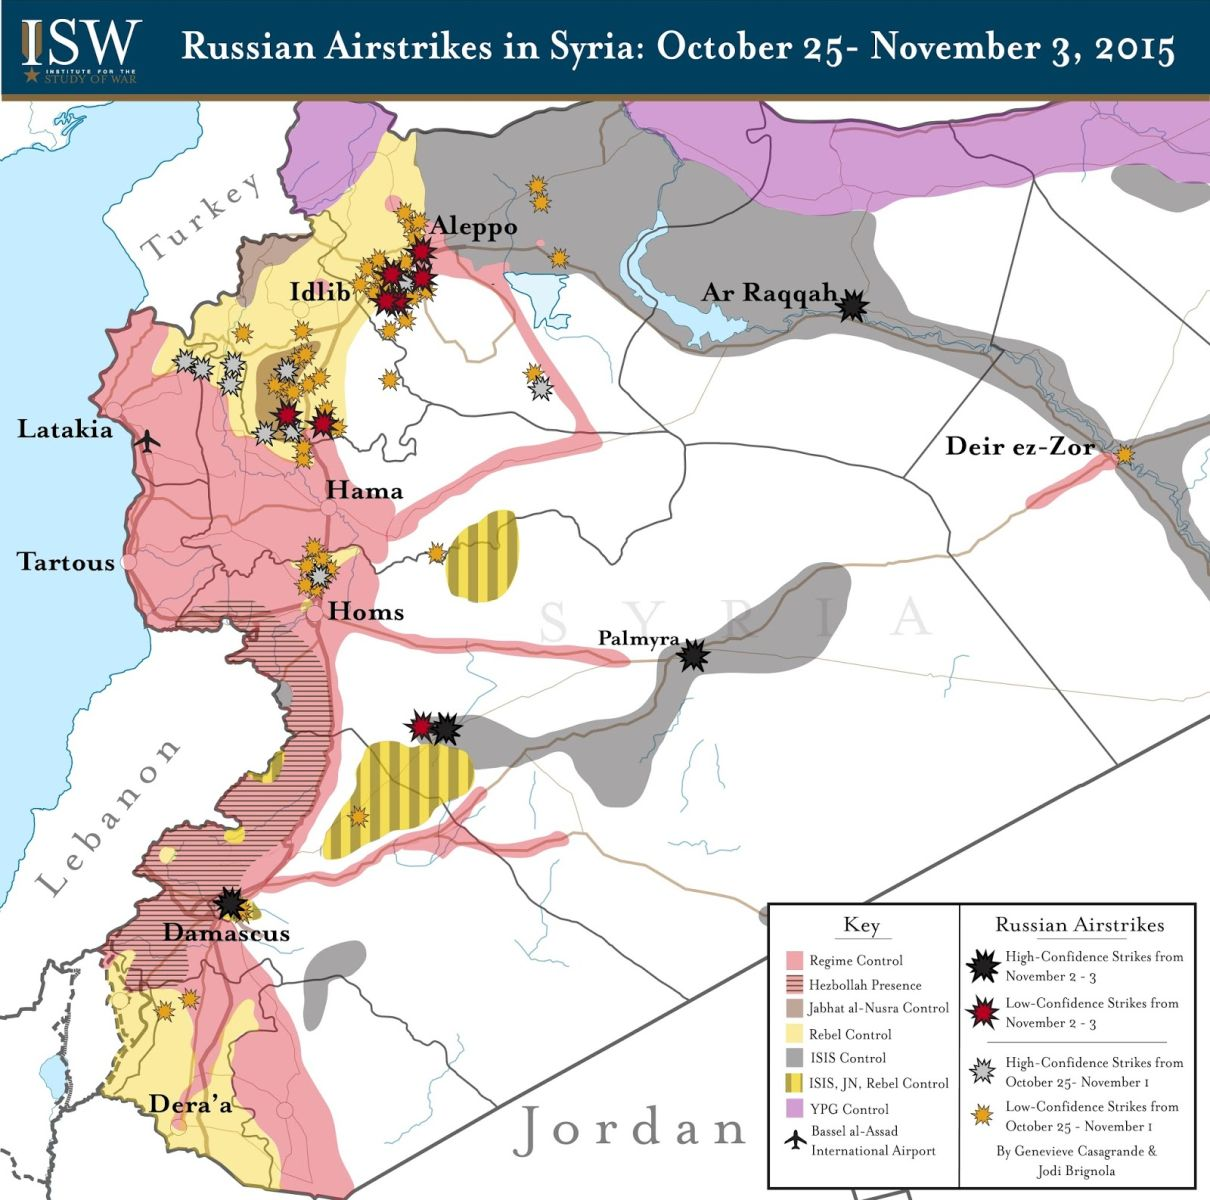 Ρωσικές αεροπορικές επιδρομές μέχρι τις 3 Νοεμβρίου 2015